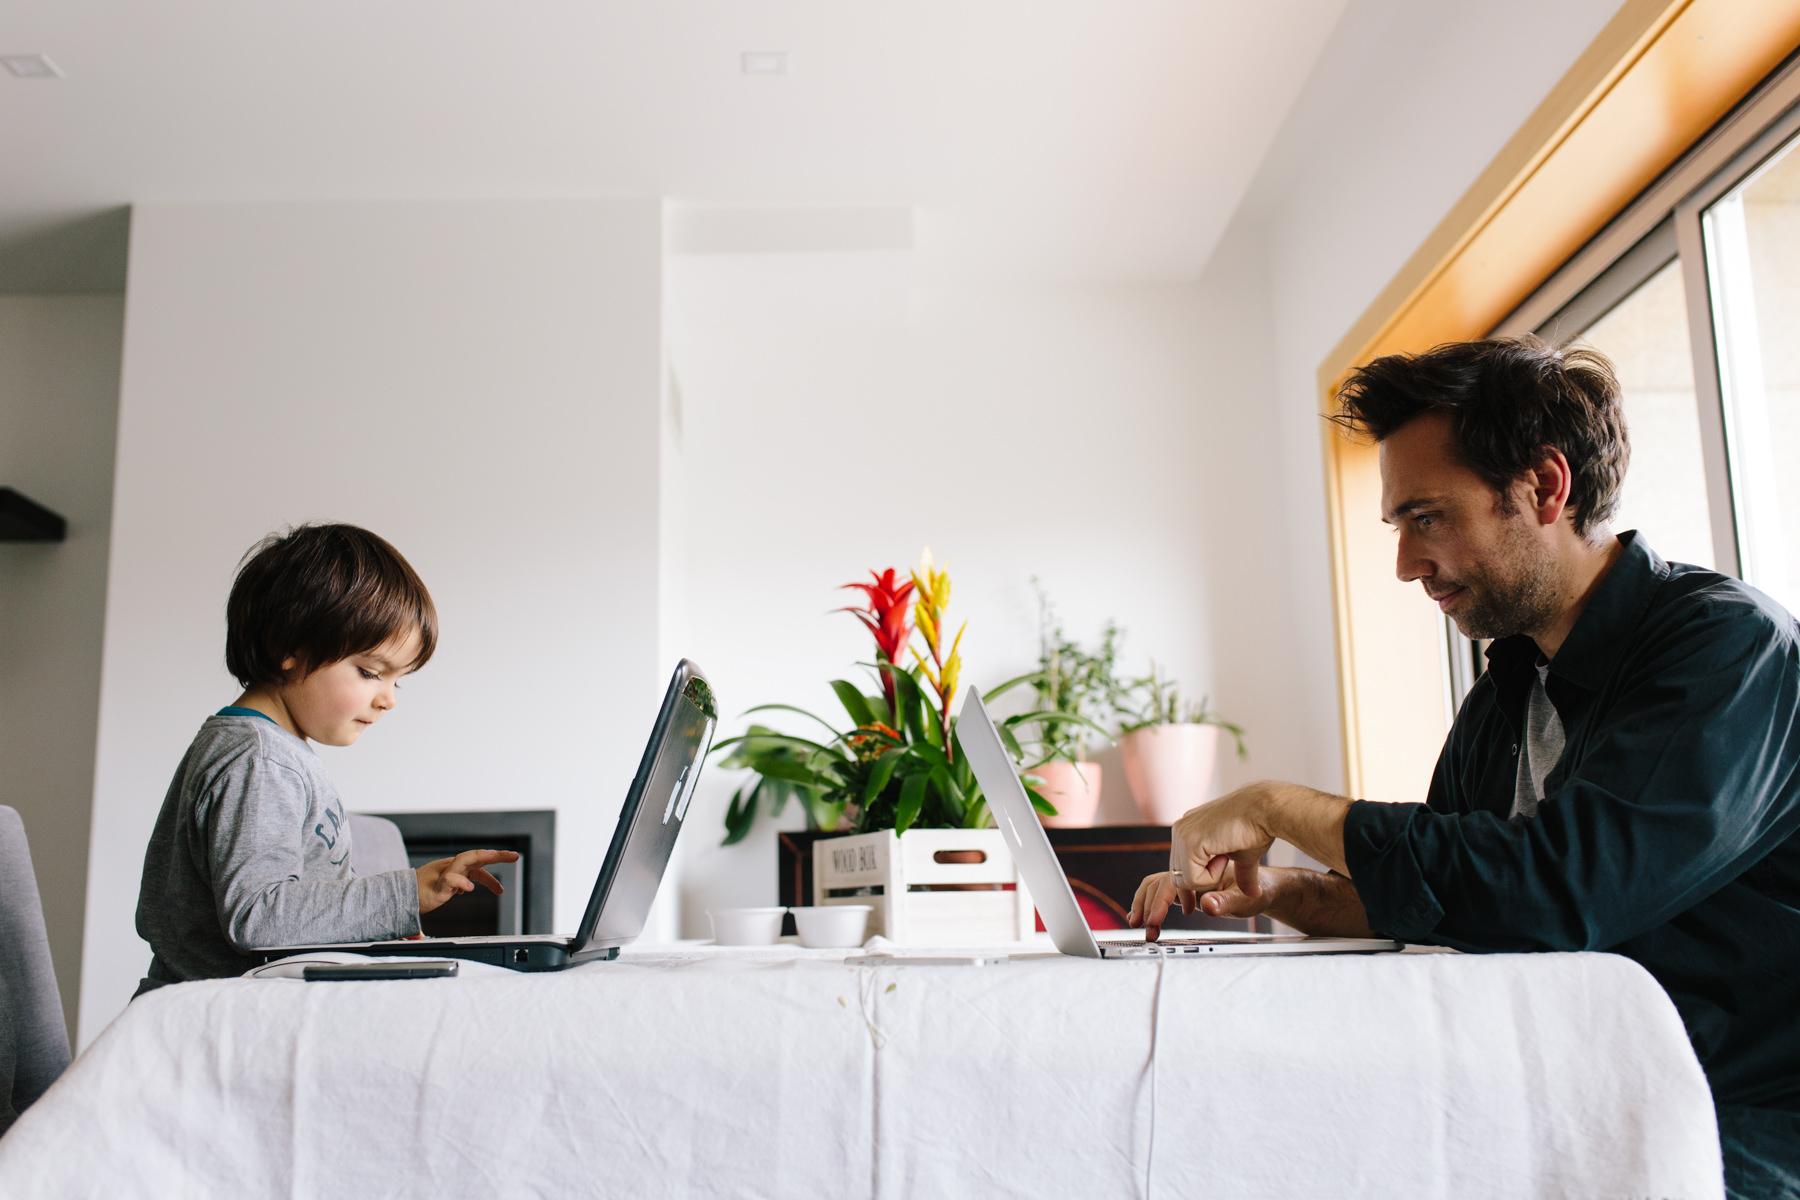 filho a imitar pai ao computador